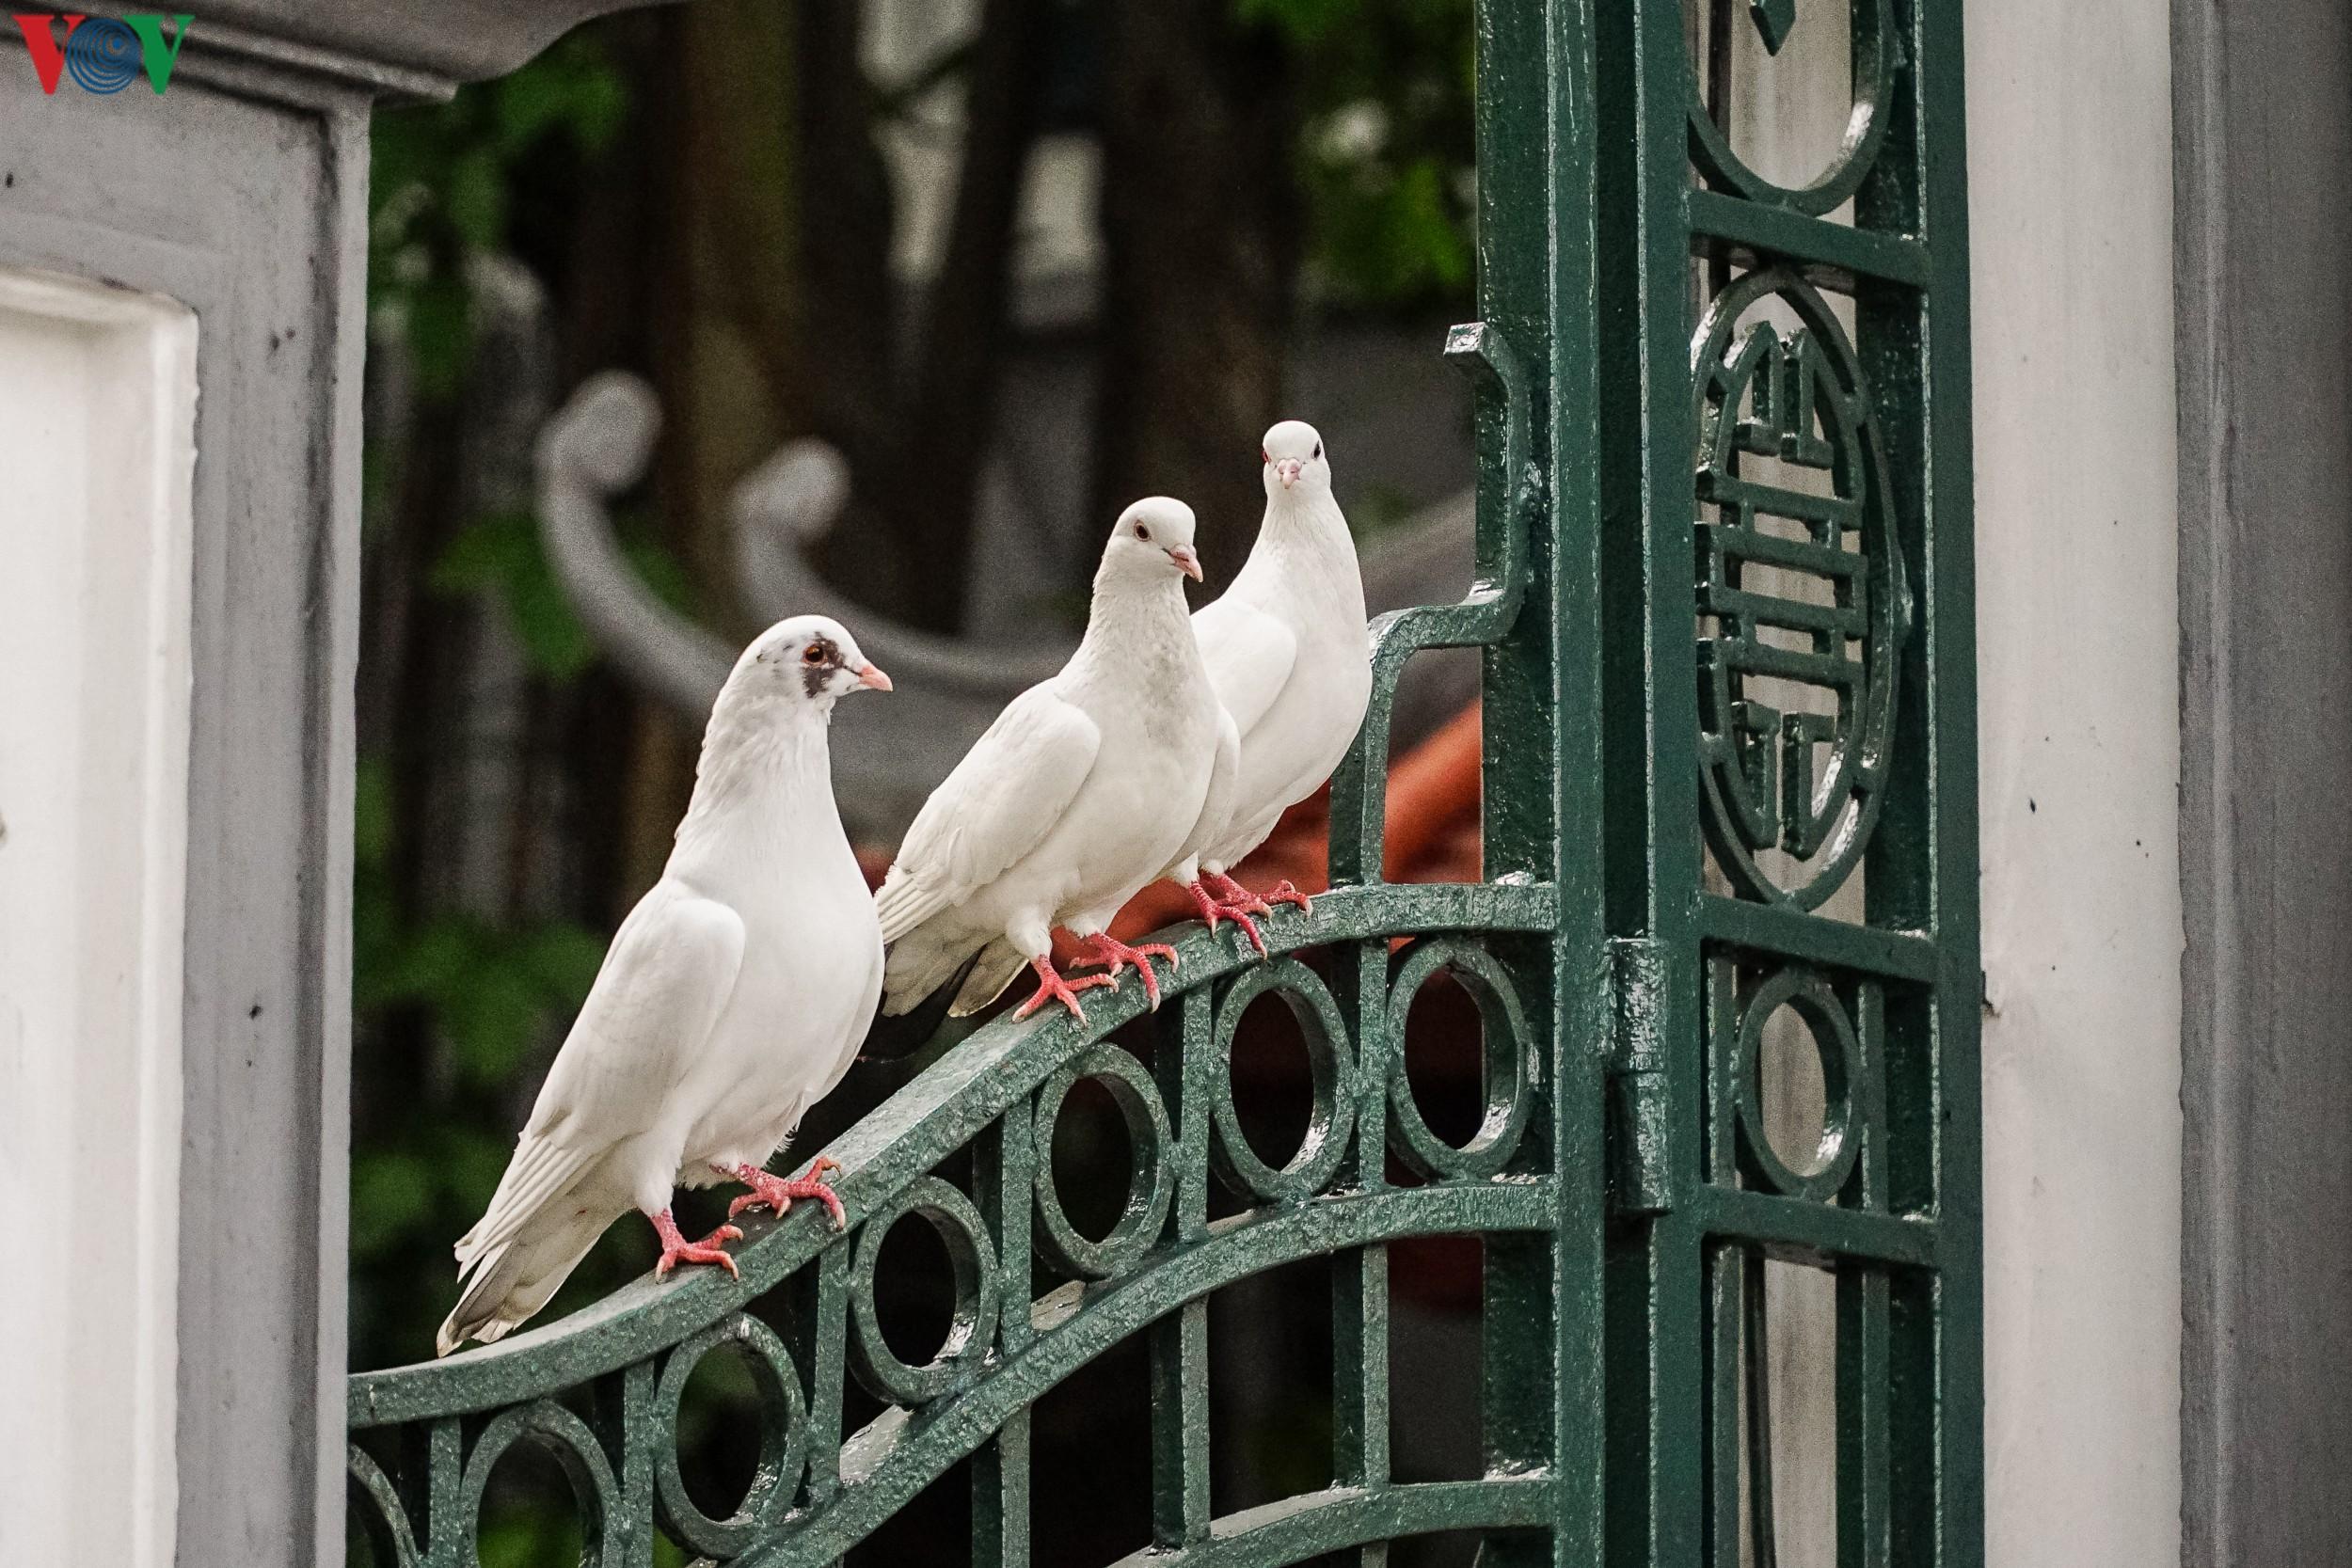 Ngắm đàn chim bồ câu bên hồ Hoàn Kiếm Ảnh 5